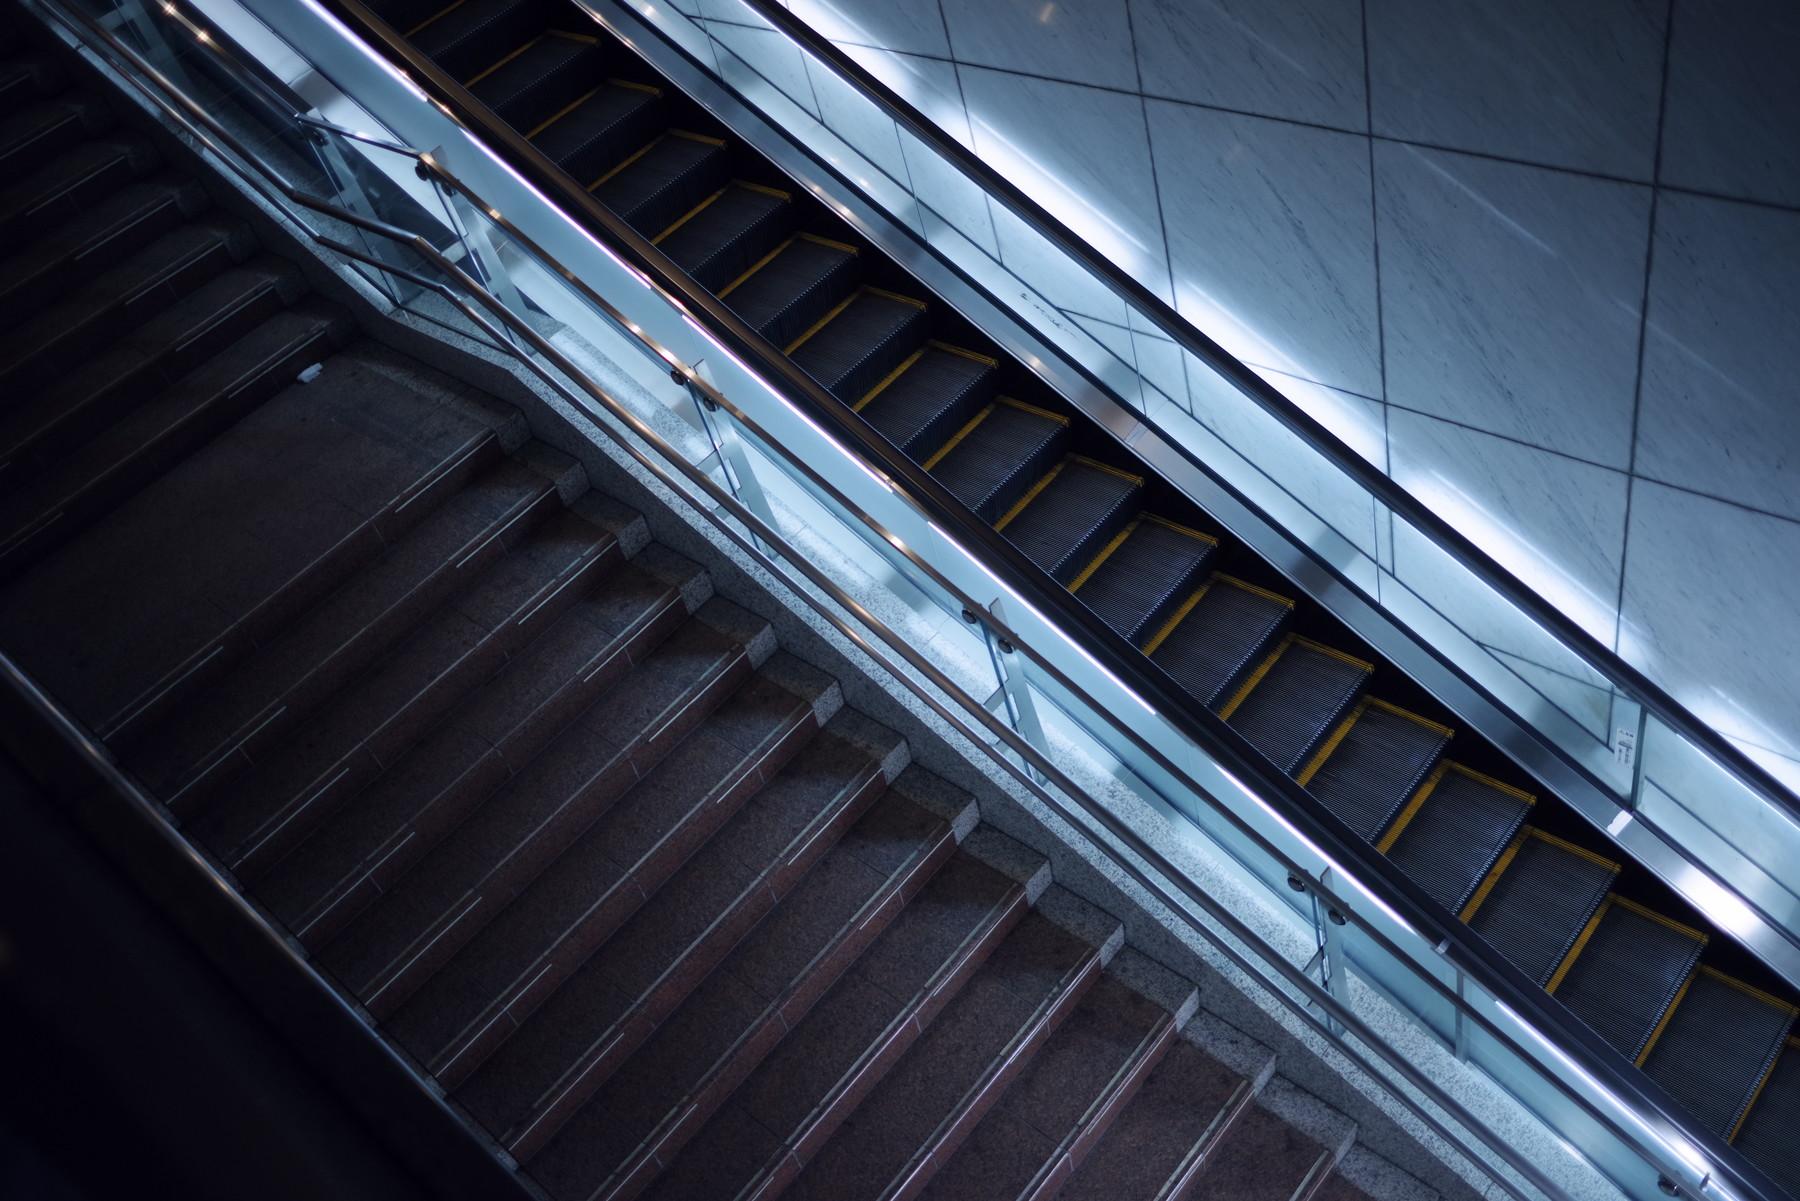 エスカレーターと階段の作例写真